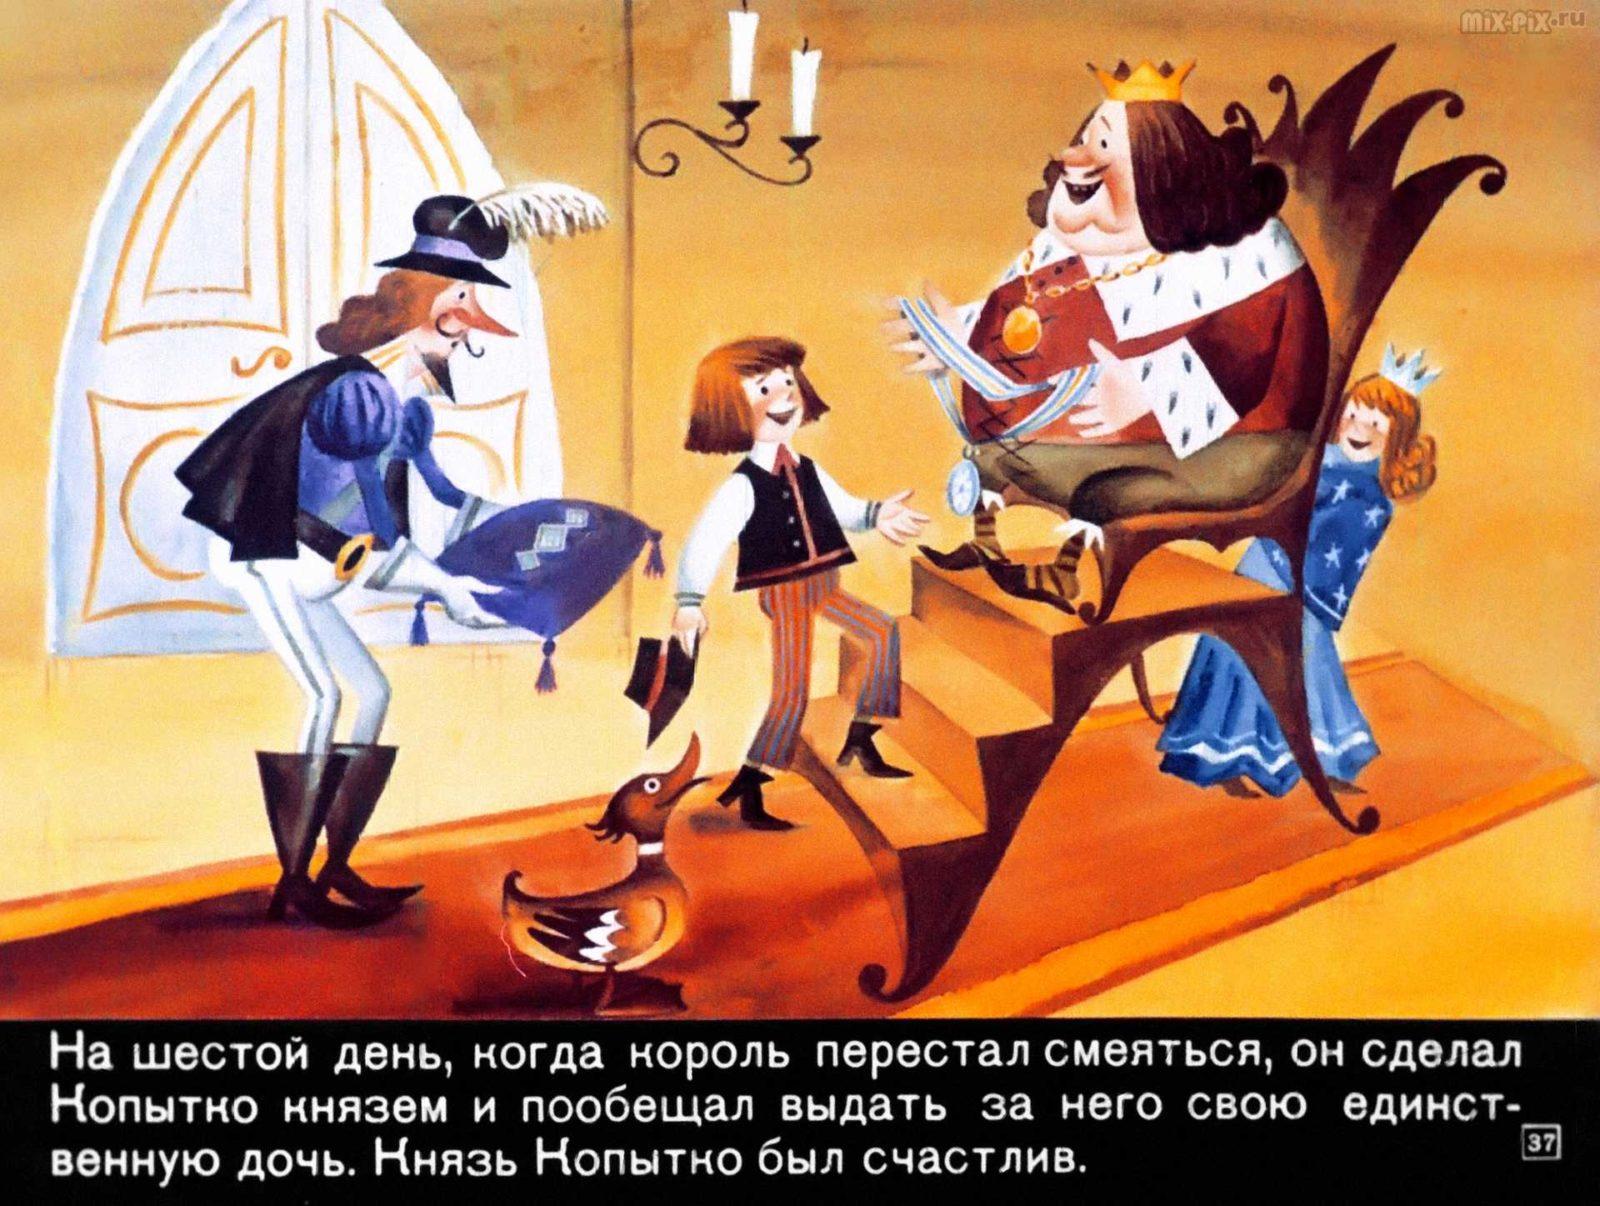 Сапожник Копытко и утка Кря (1972) 42